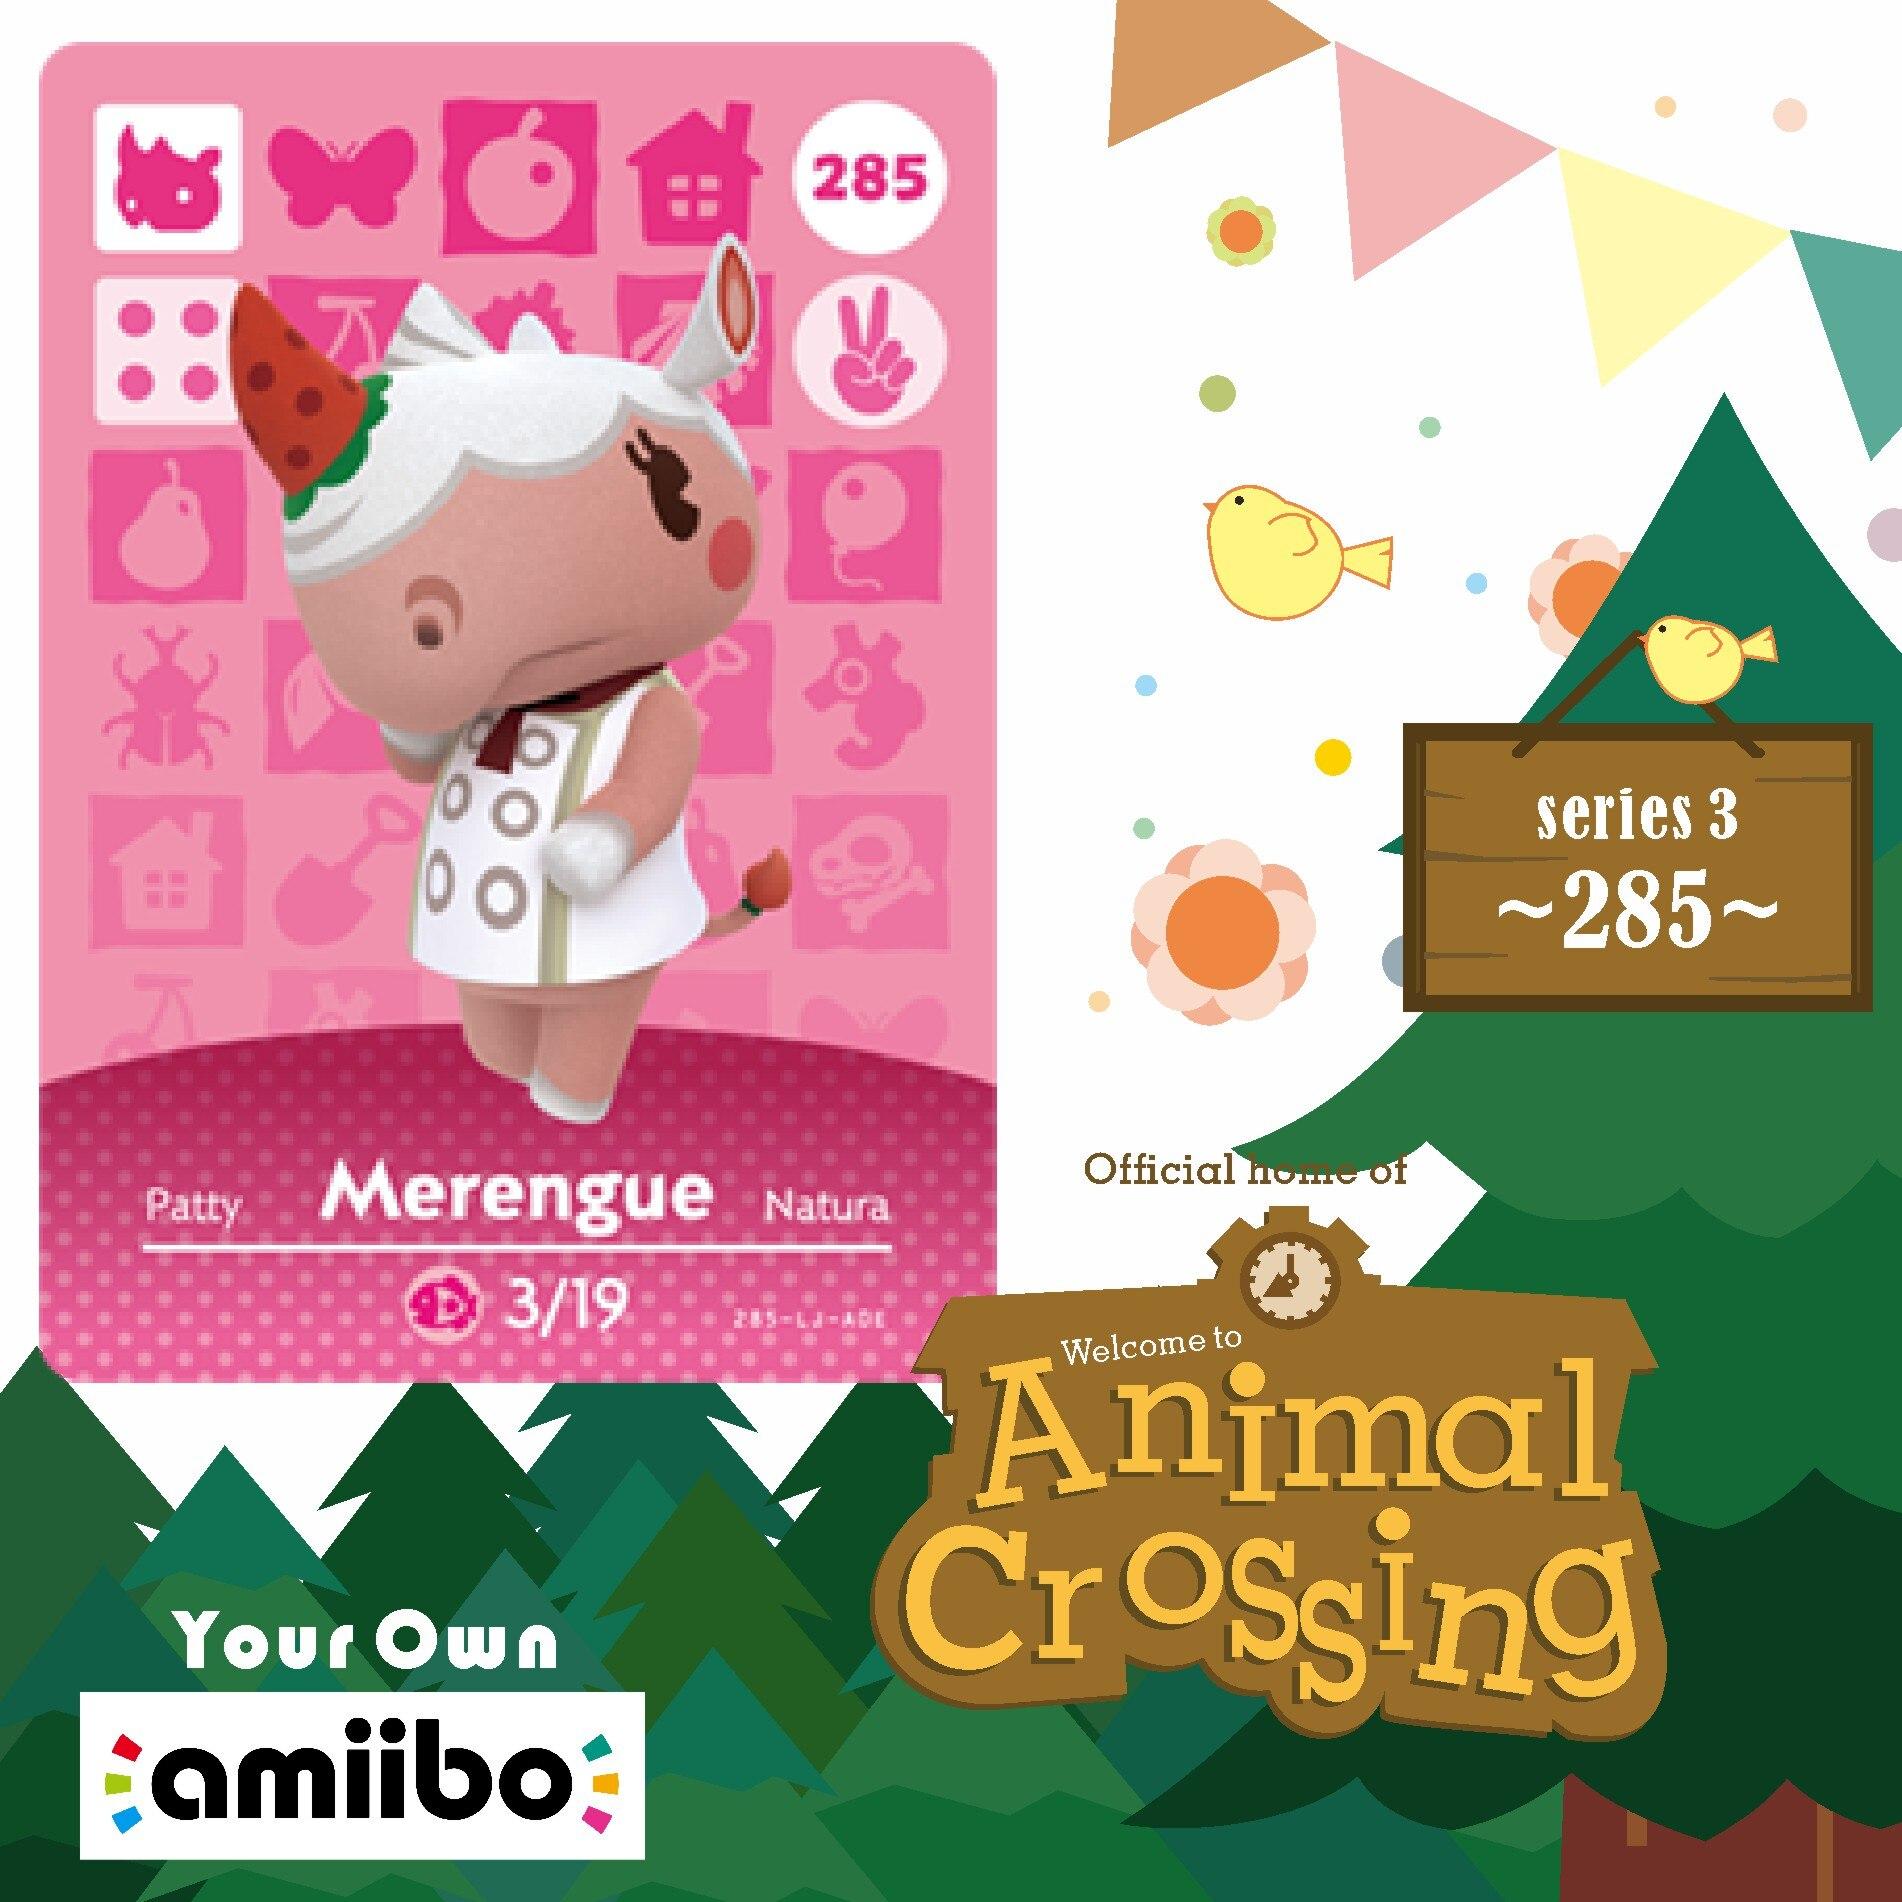 Amiibo 285 Animal Crossing Merengue Amiibo Card Merengue 285 New Horizons Villager Cards Merengue  For NS Game Series Season 3